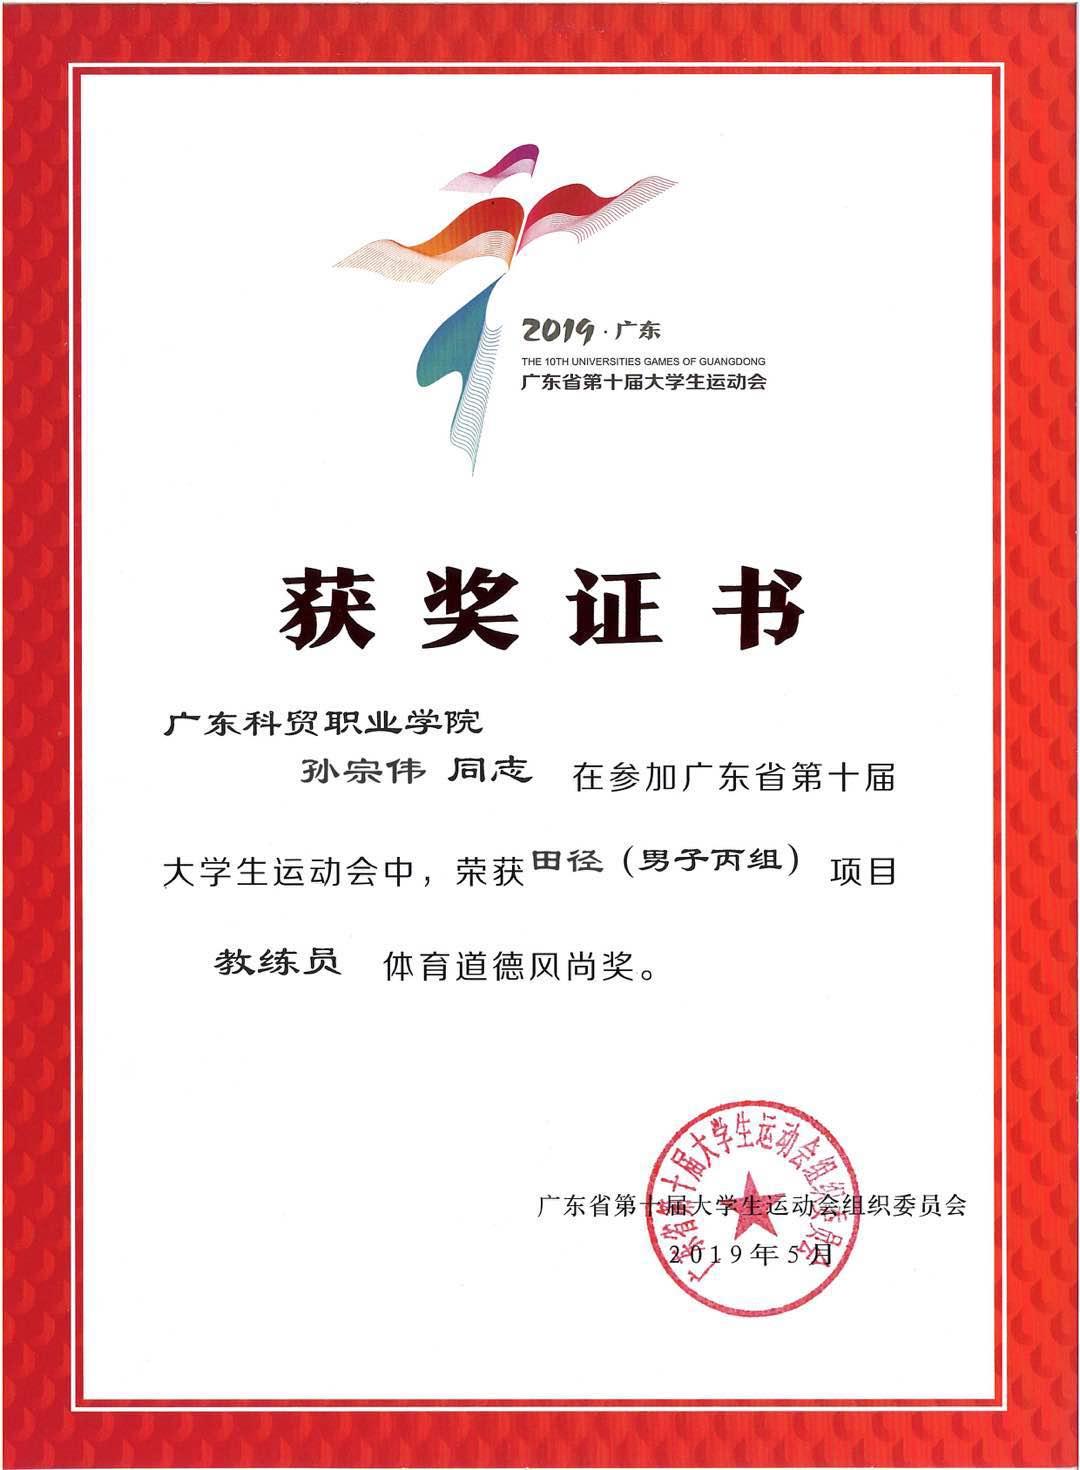 广东省第十届大学生运动会田径运动队获奖